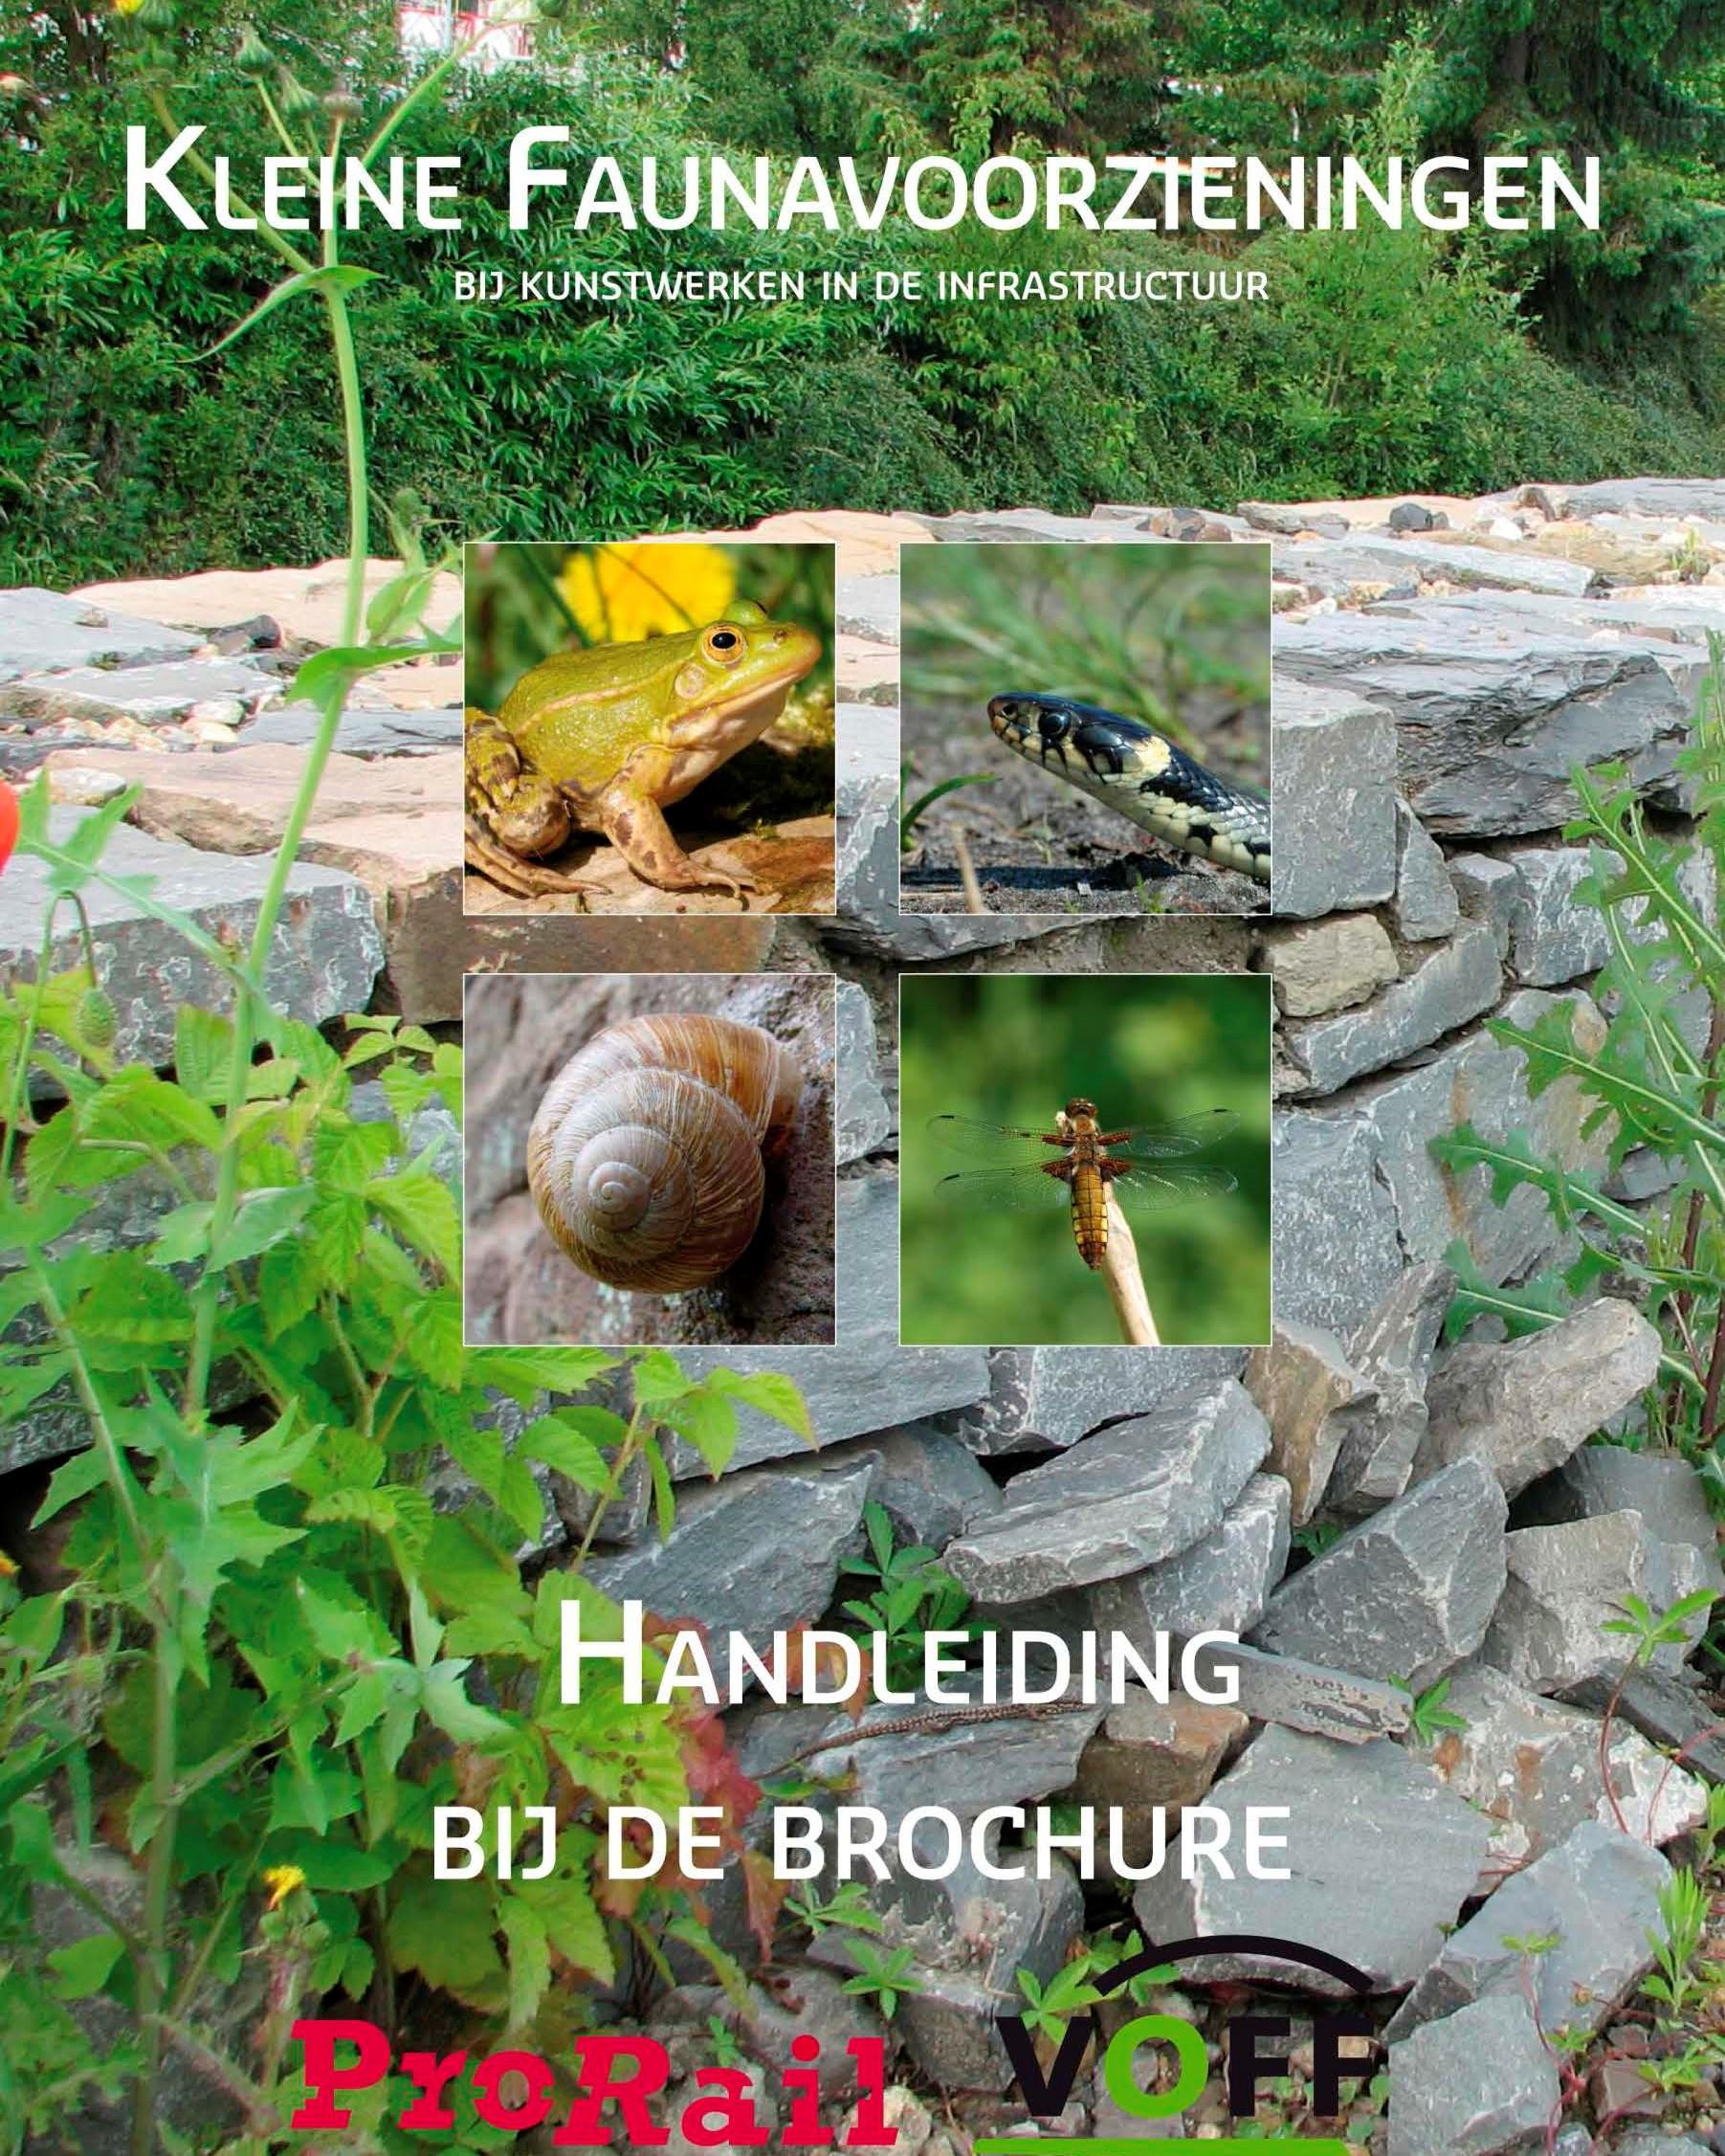 Kleine Faunavoorzieningen bij kunstwerken in de infrastructuur. Stichting VeldOnderzoek Flora en Fauna (VOFF)